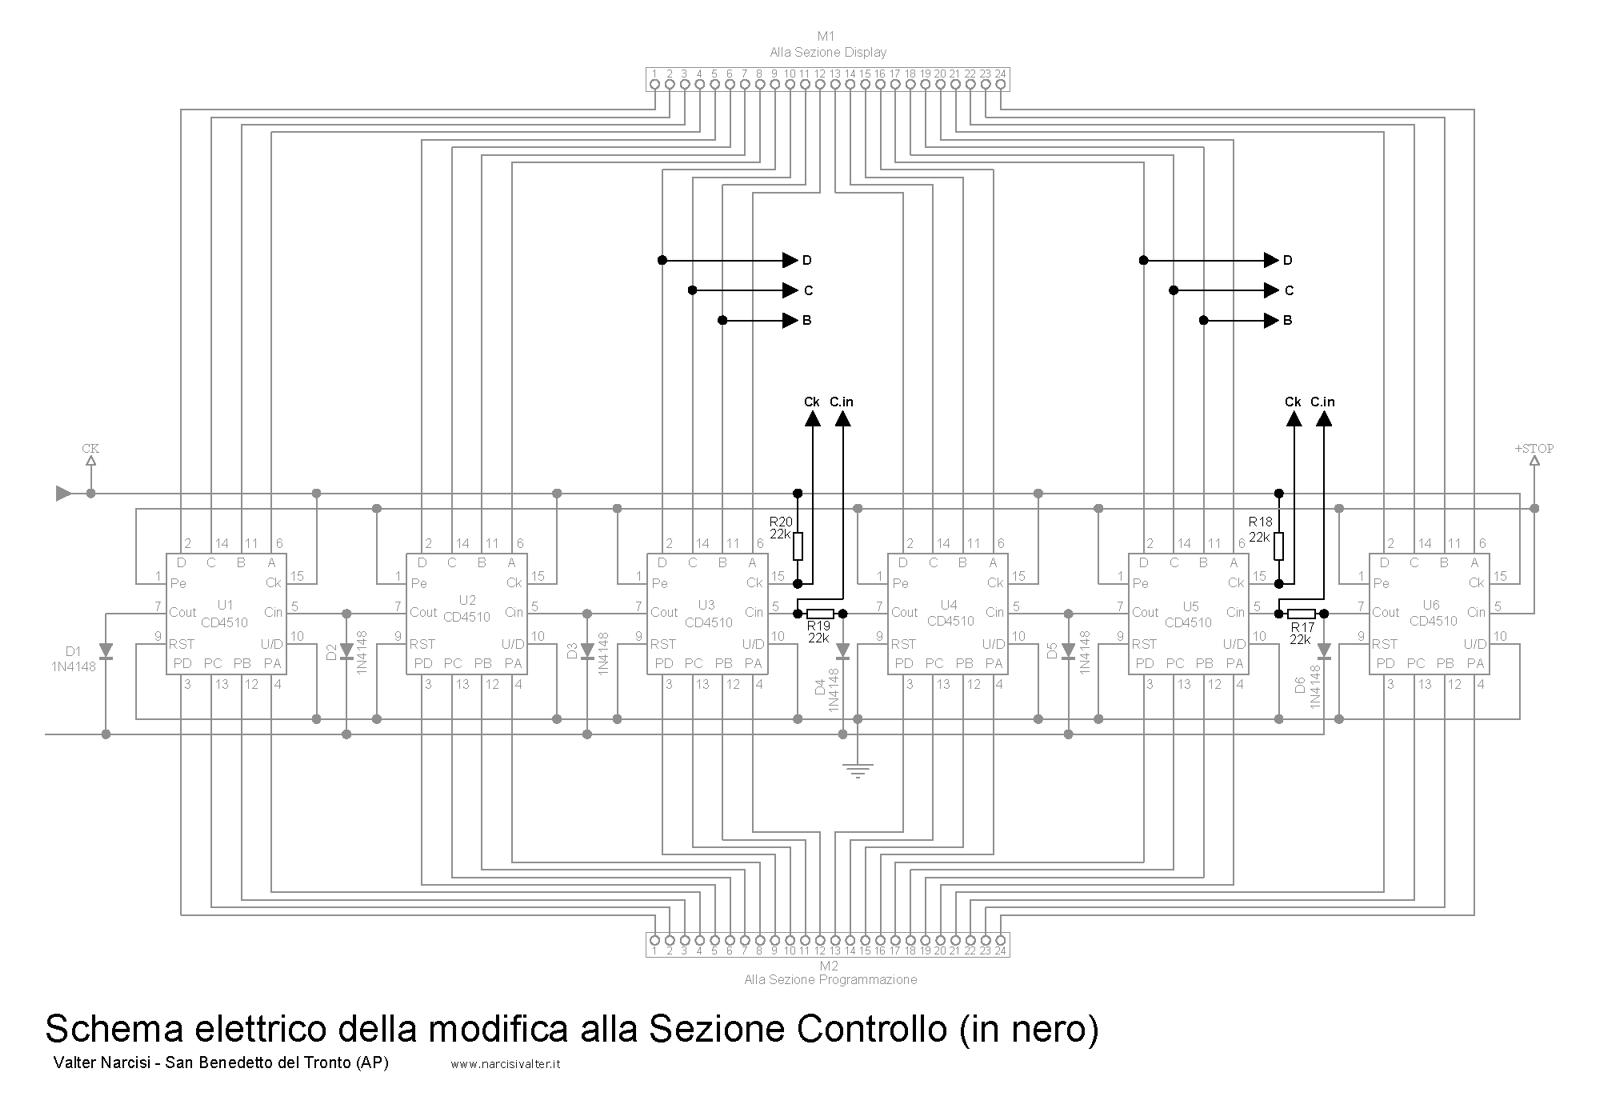 Schemi Elettrici Lettura : Timer digitale programmabile hh mm ss fino a ore